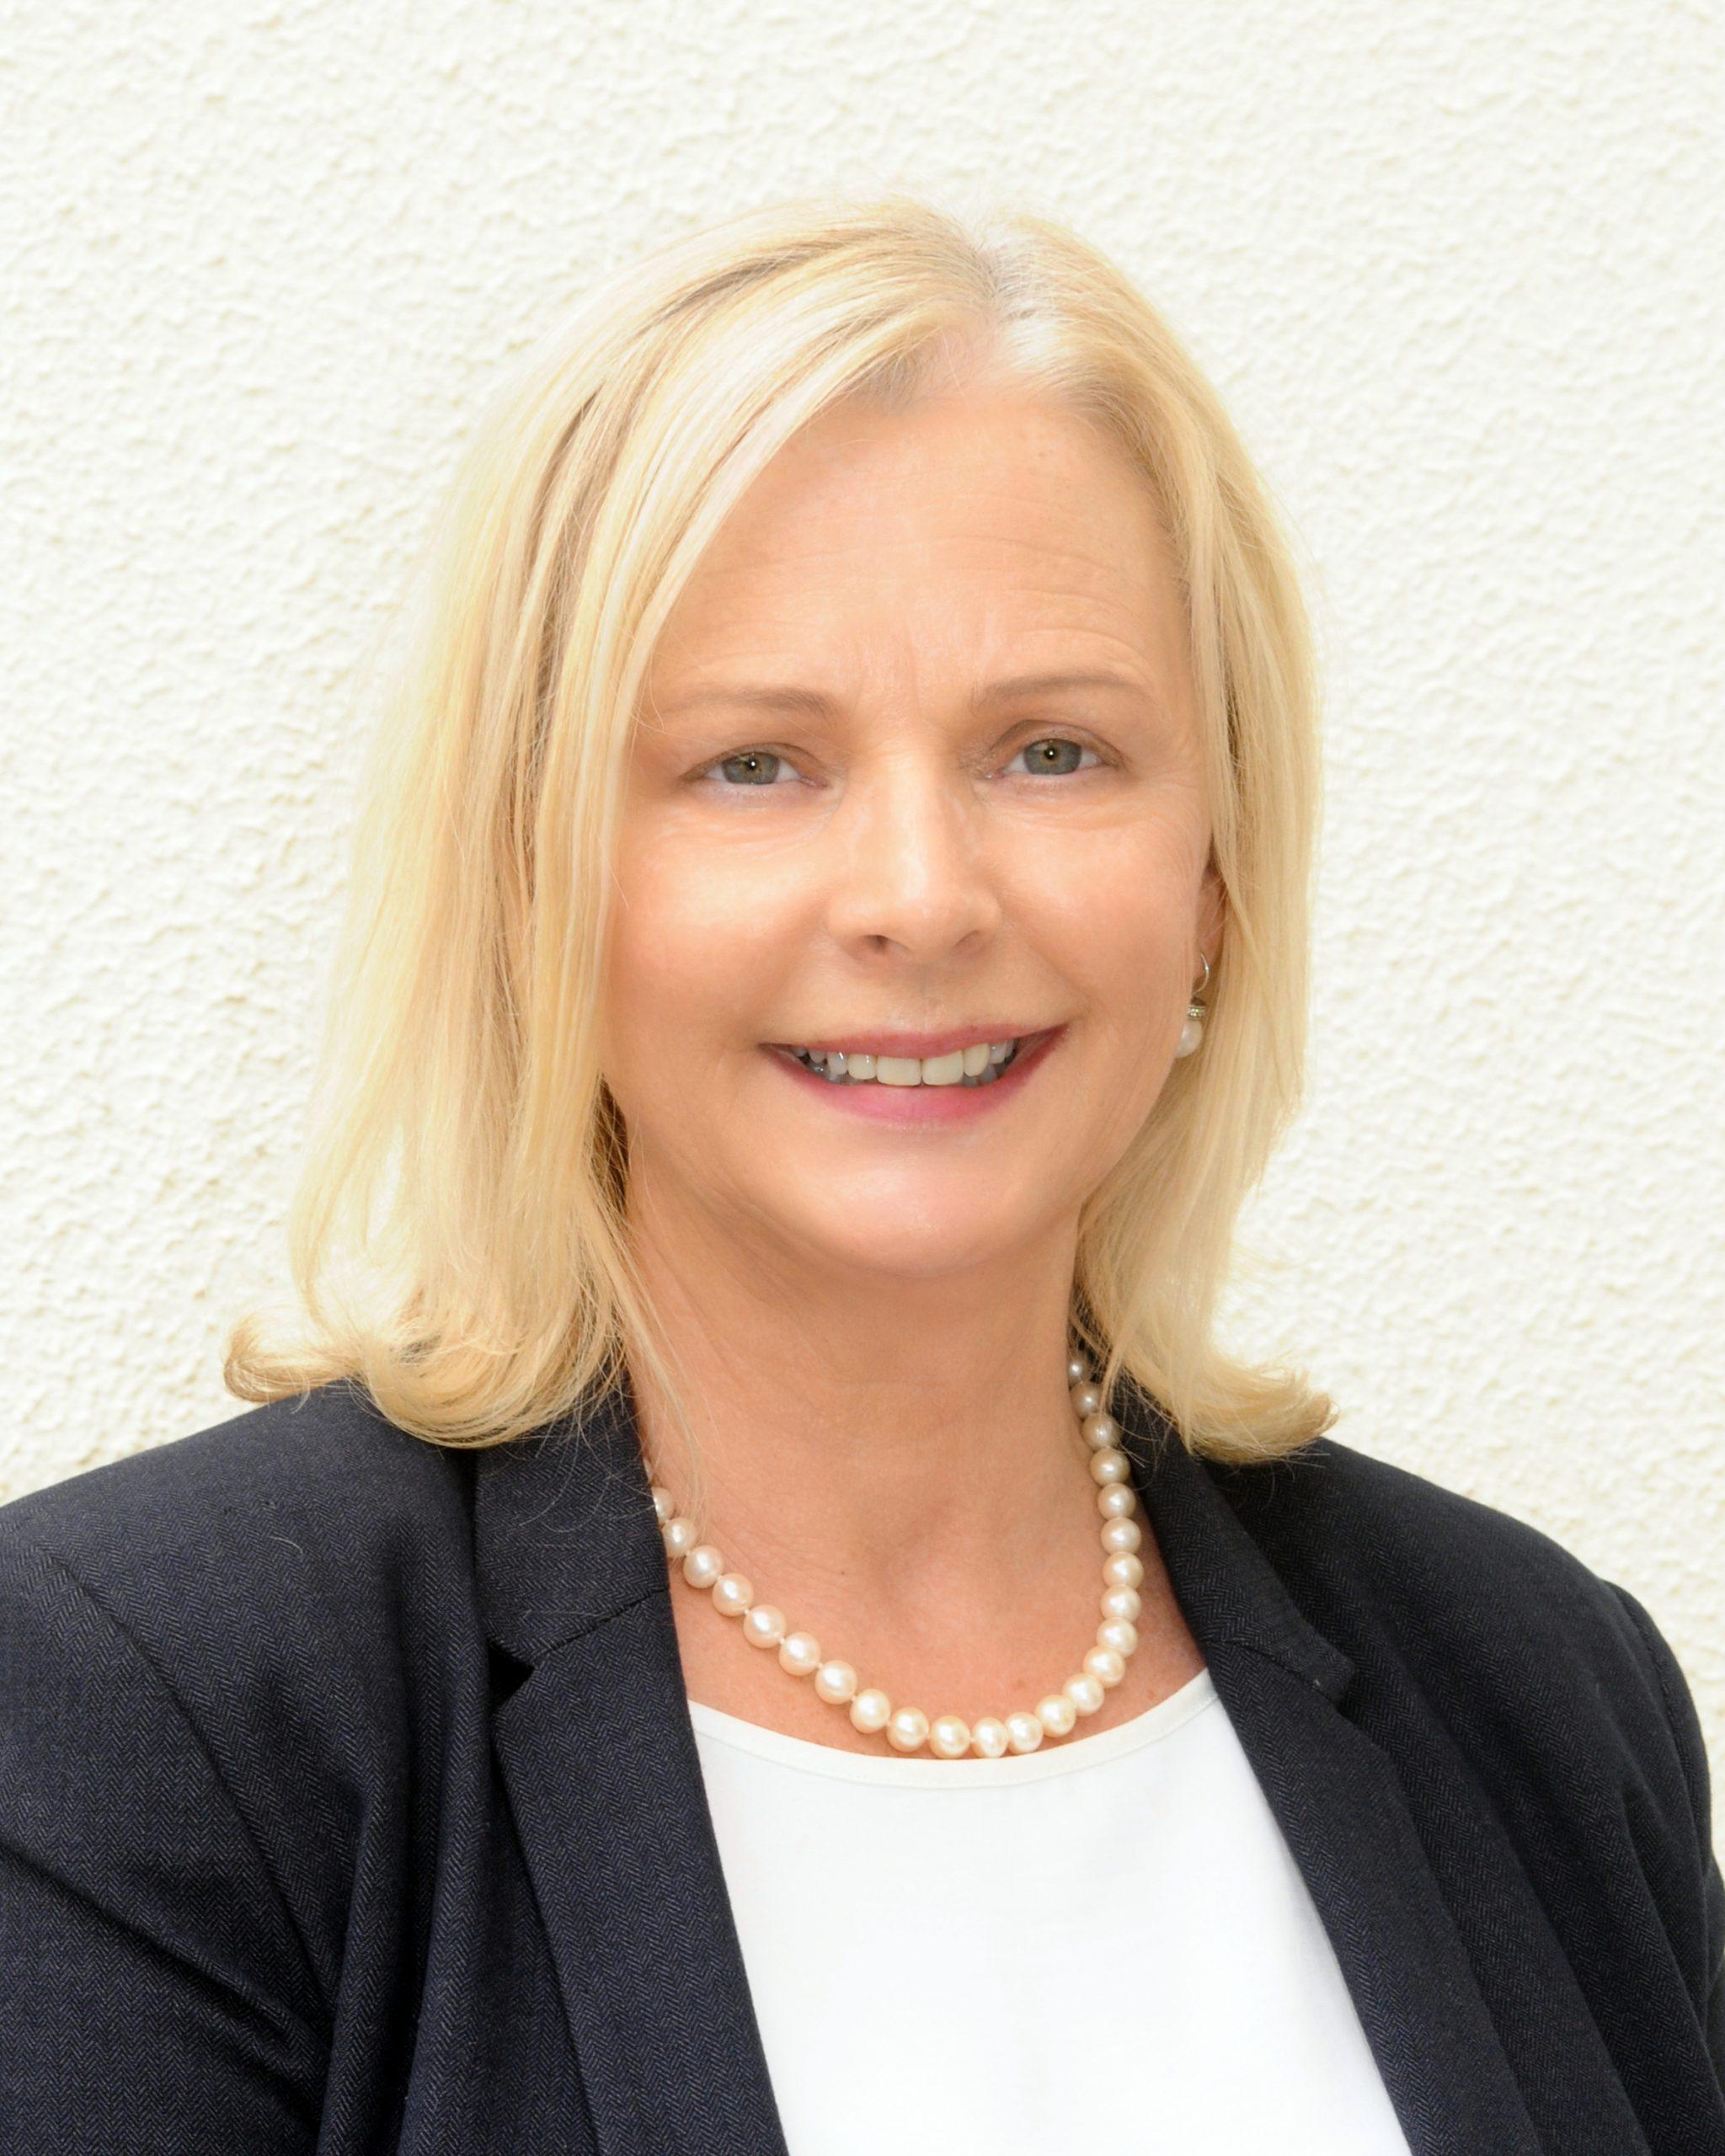 Carmel Hutchinson